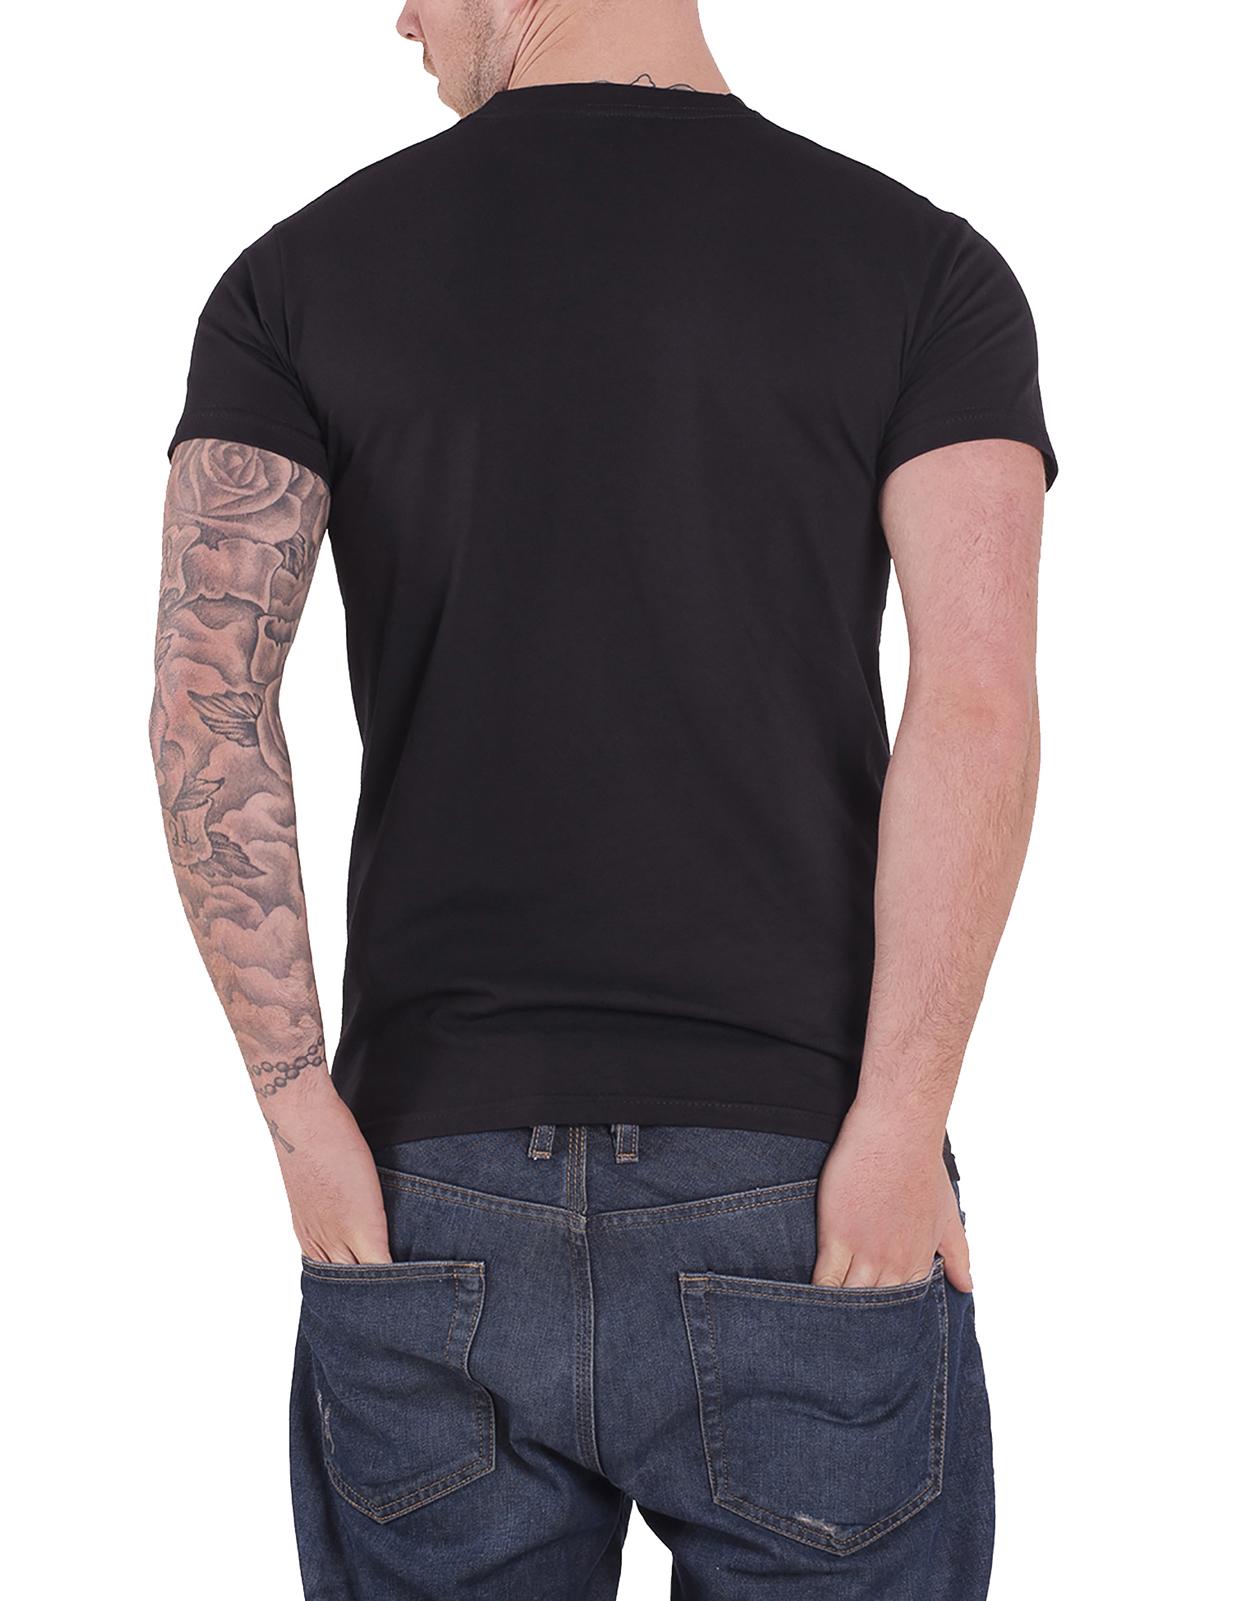 Motorhead-T-Shirt-Lemmy-RIP-England-warpig-clean-your-clock-official-new-mens miniature 53